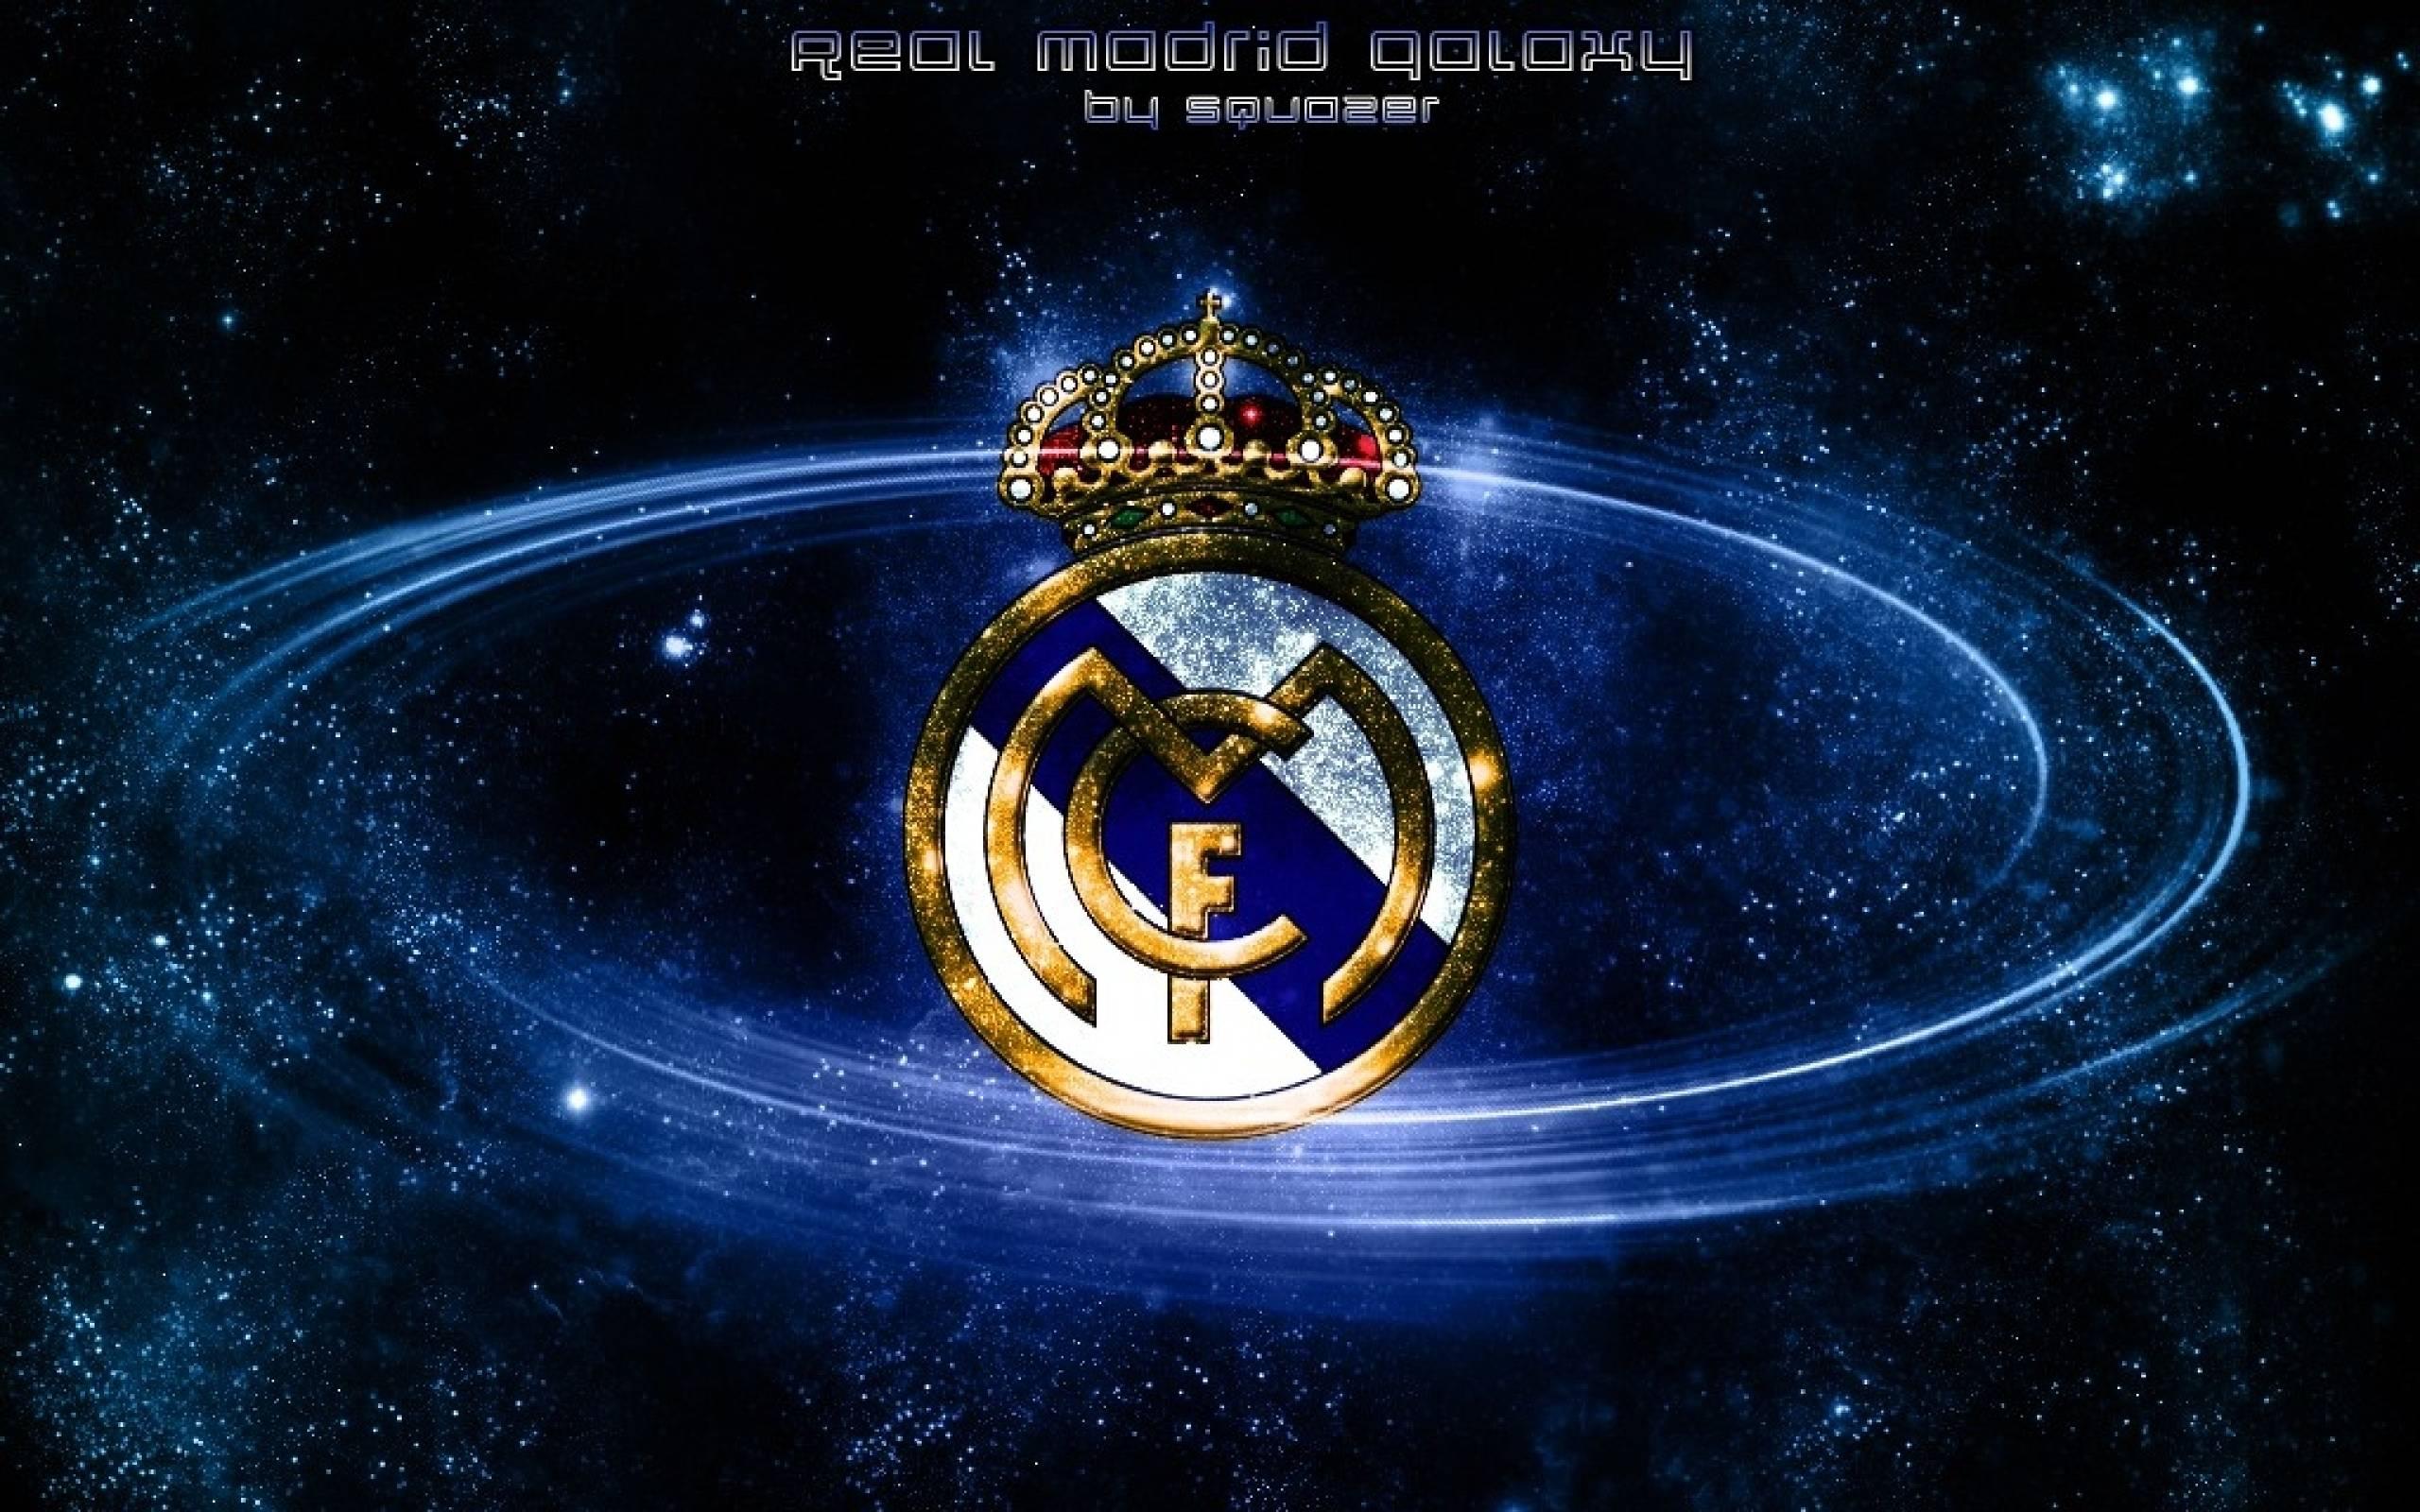 بالصور خلفيات ريال مدريد , اجمل خلفية لنادى ريال مدريد روعه 621 3